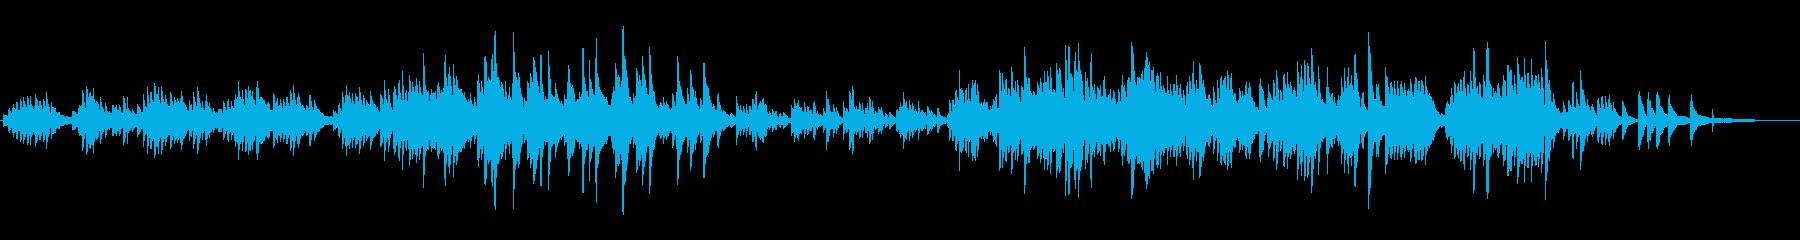 優しいピアノソロ曲の再生済みの波形